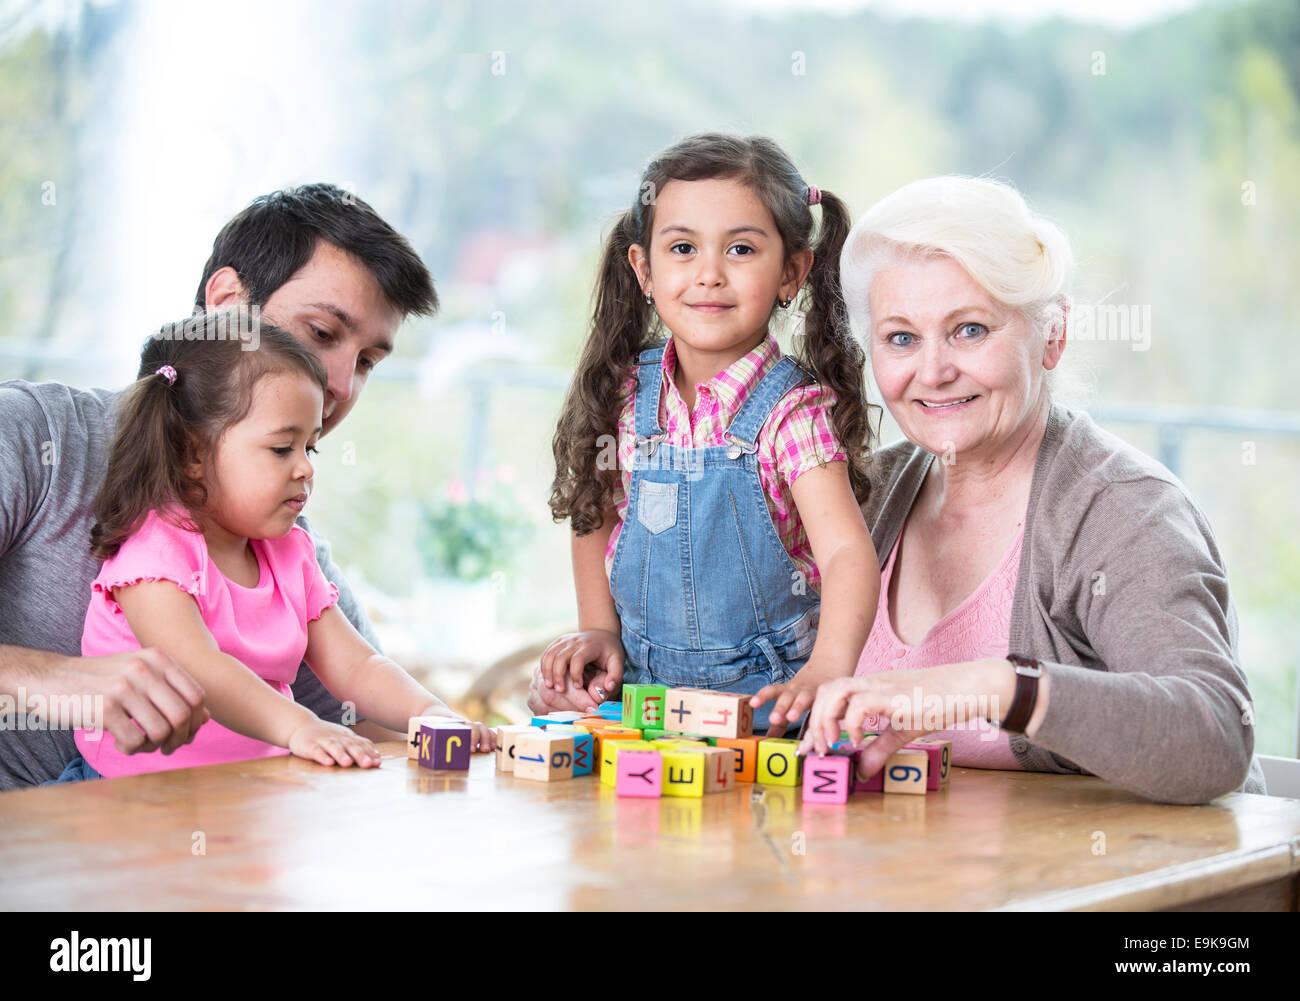 Tres generaciones de la familia feliz jugando con bloques de letras en casa Imagen De Stock